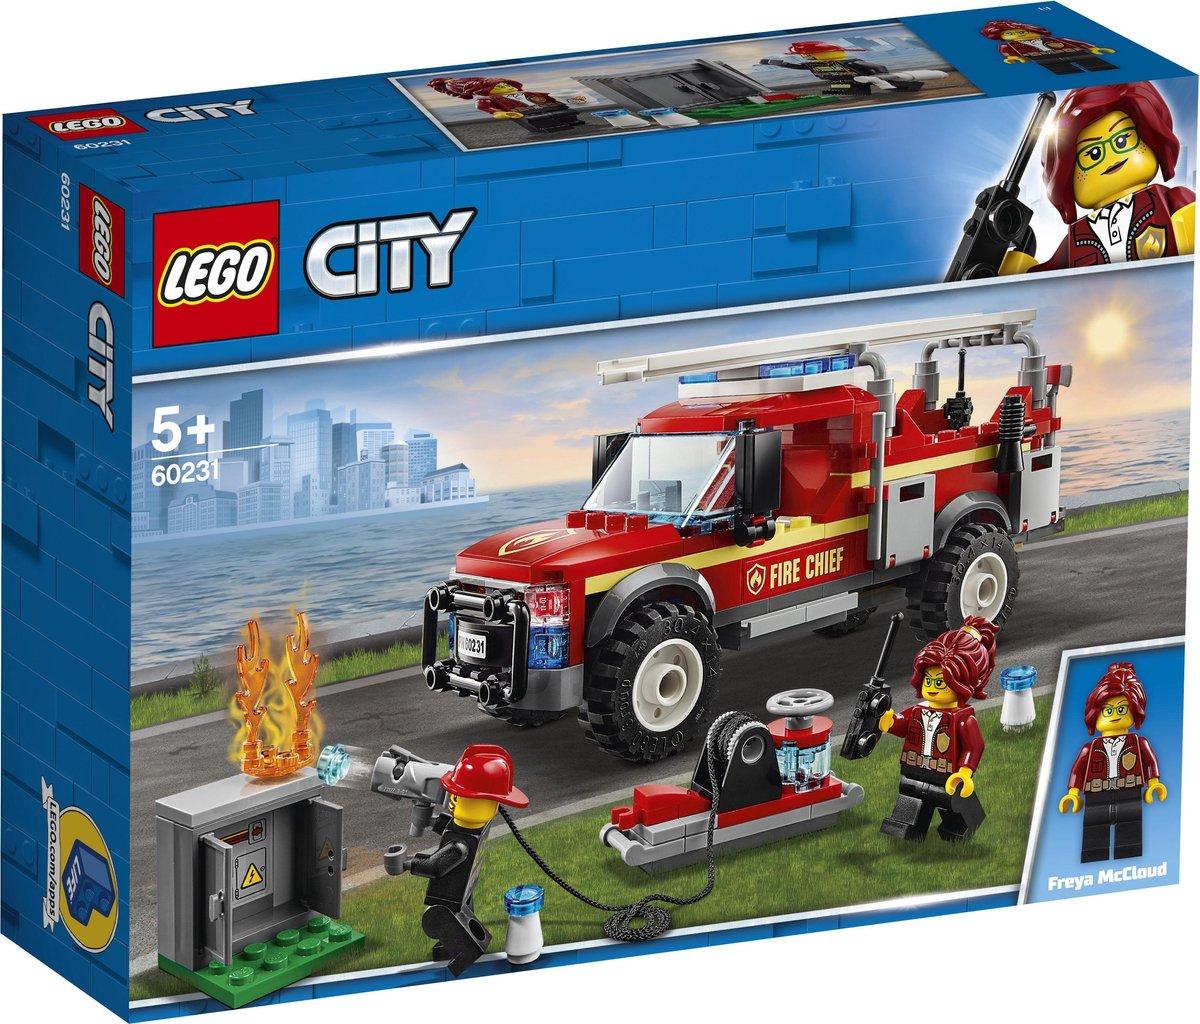 LEGO City Reddingswagen van Brandweercommandant - 60231